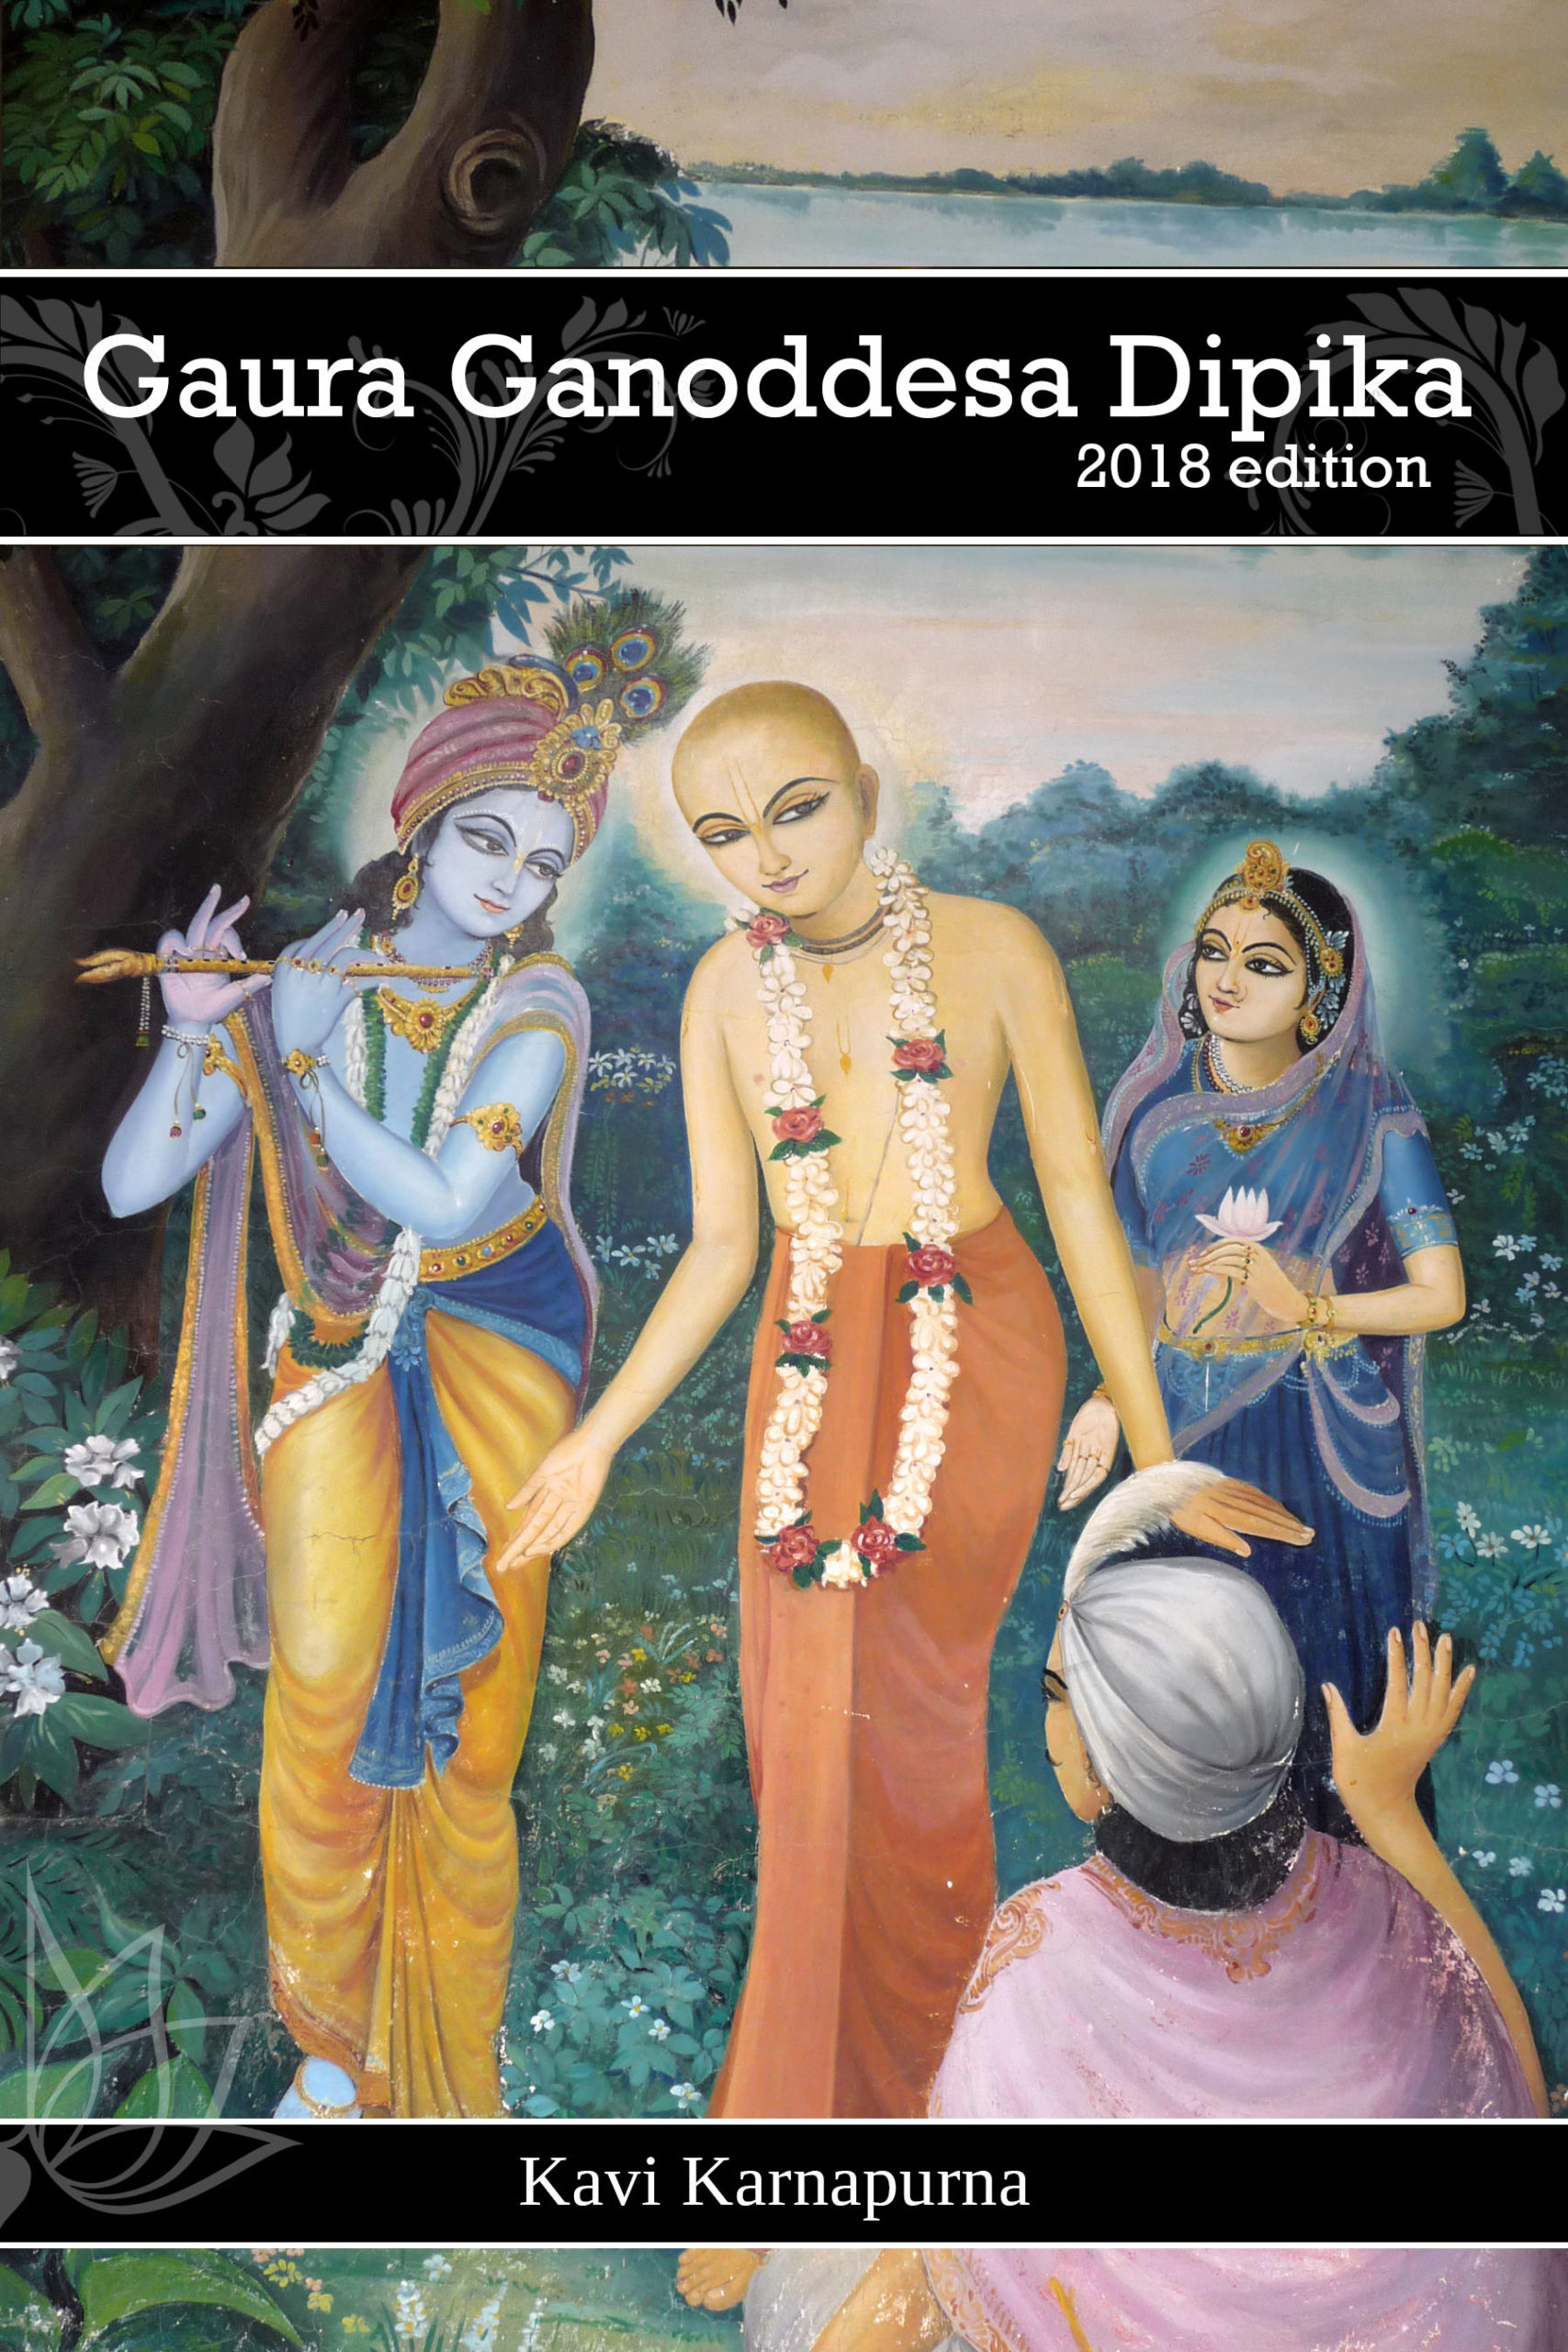 Gaura Ganoddesa Dipika (English)